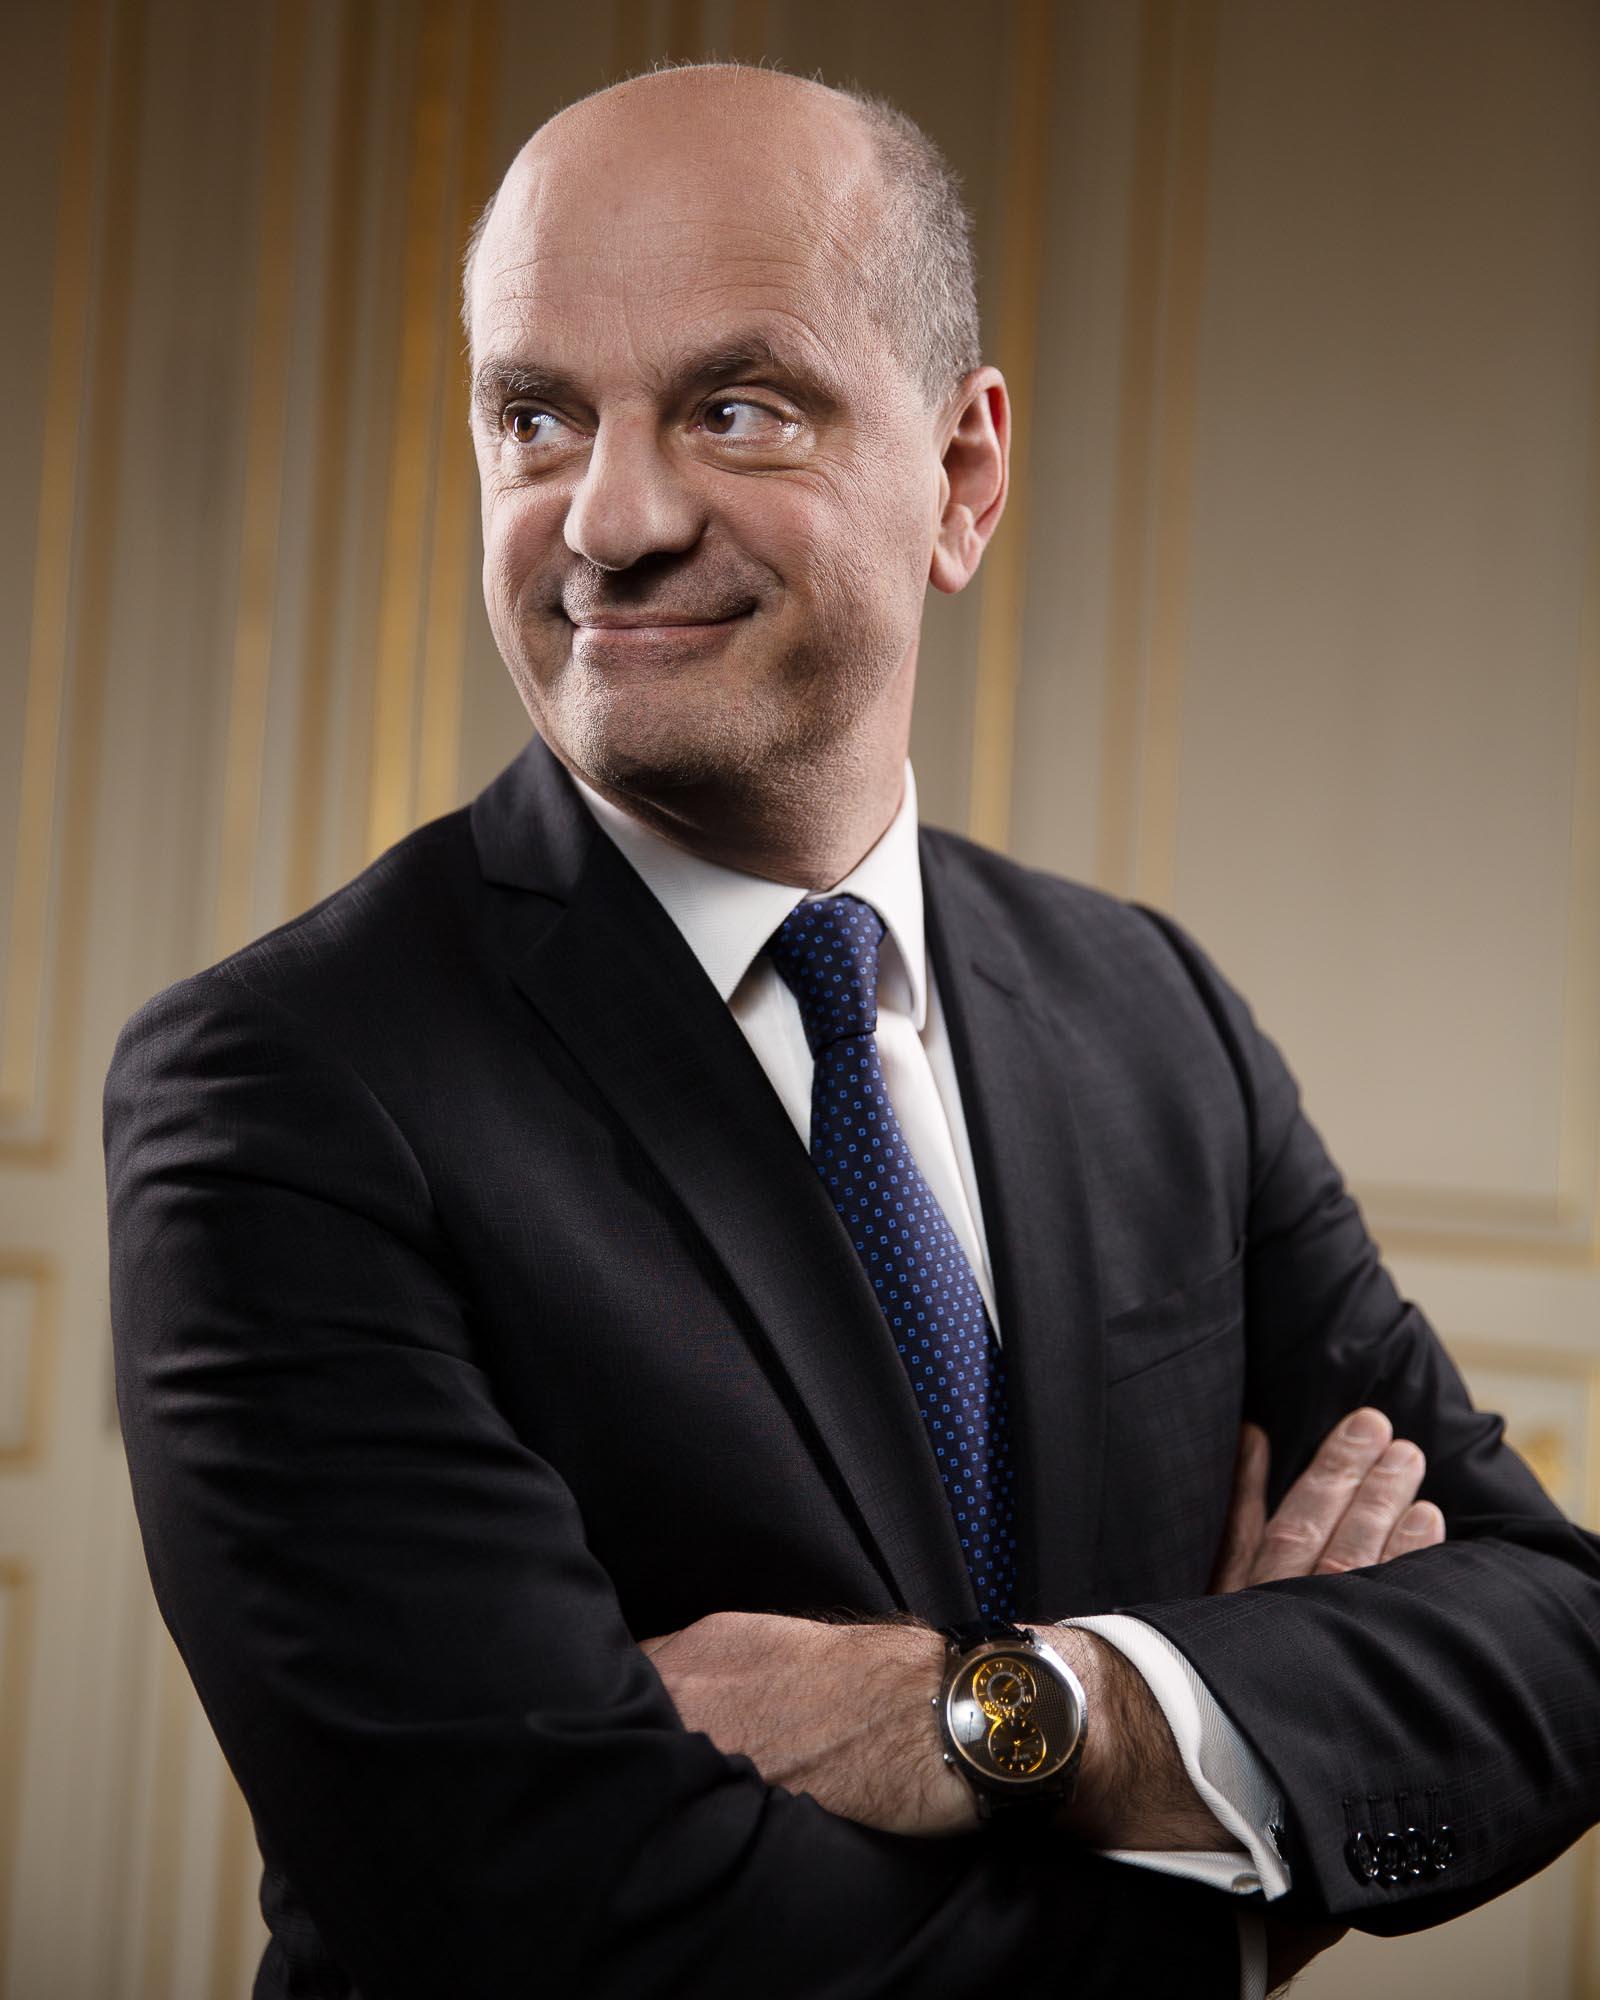 Photographier une personnalité politique Photographe Paris